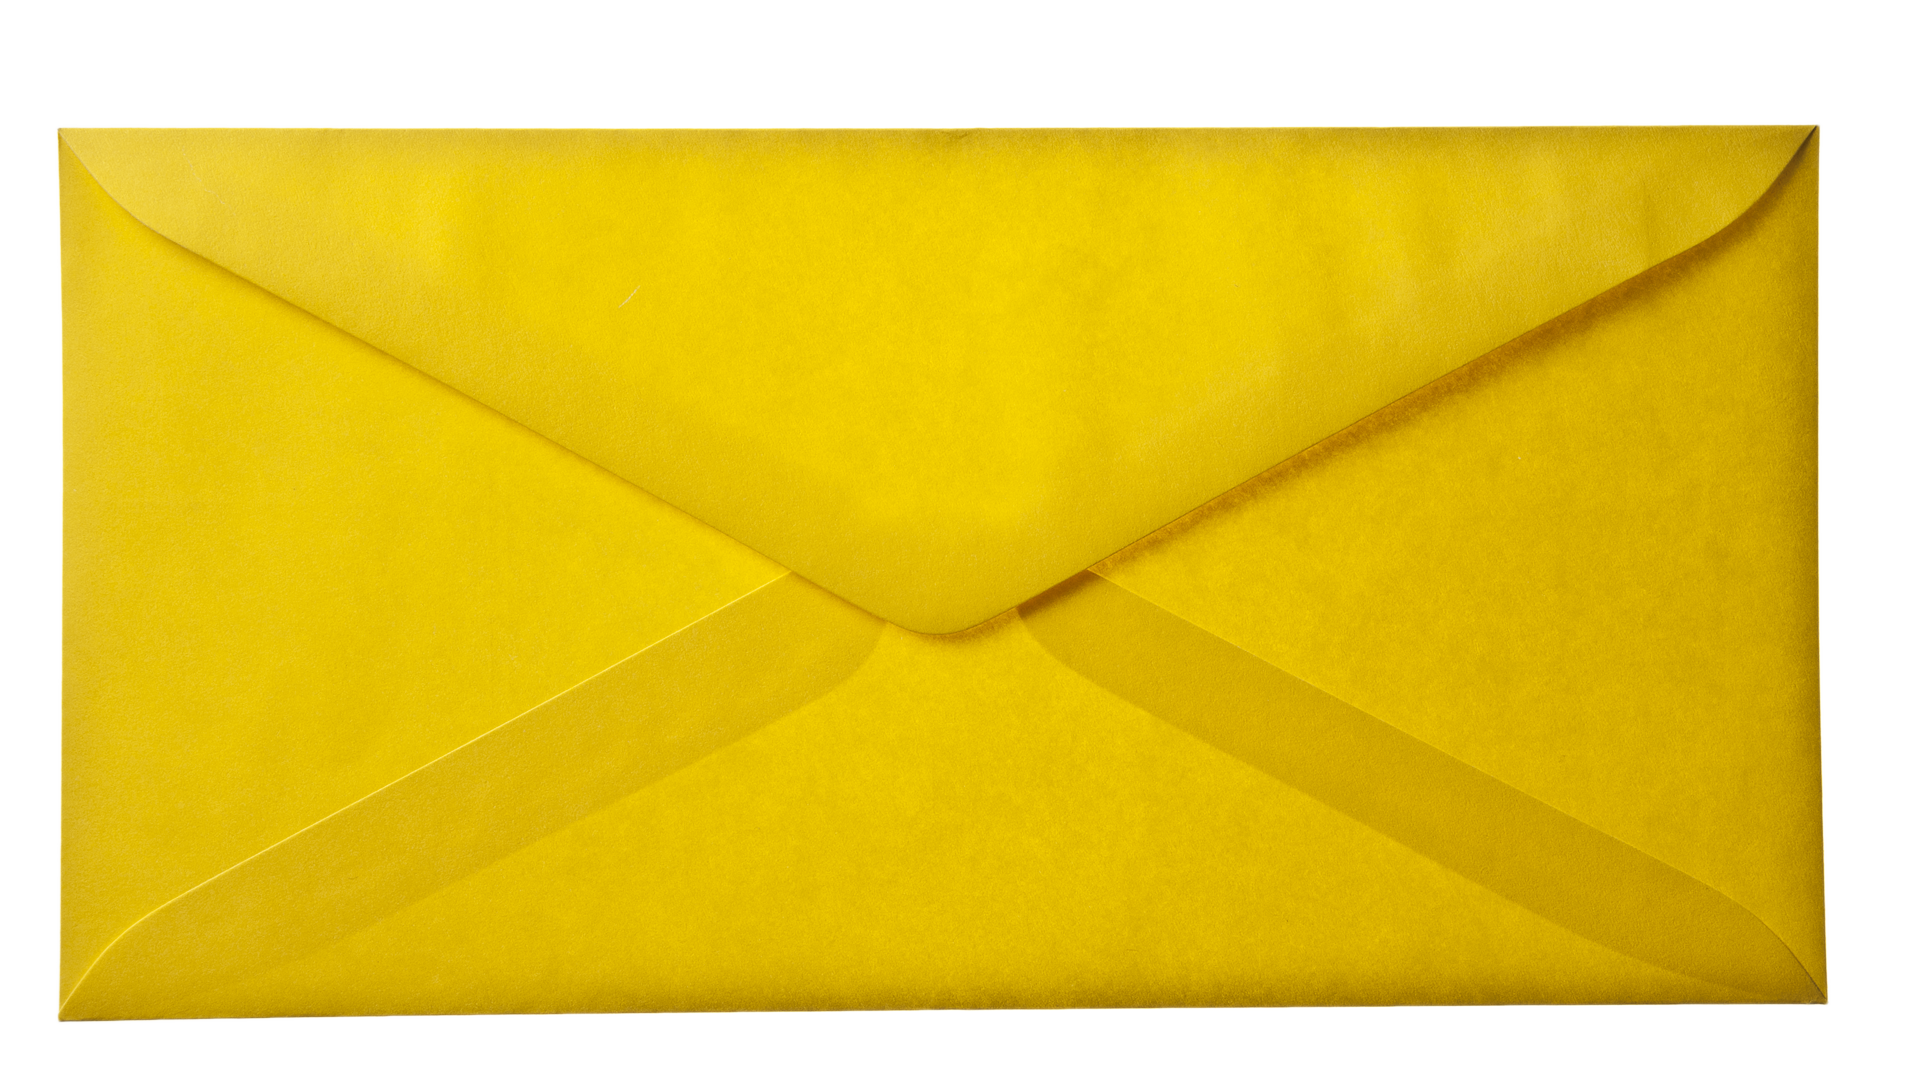 y.envelop